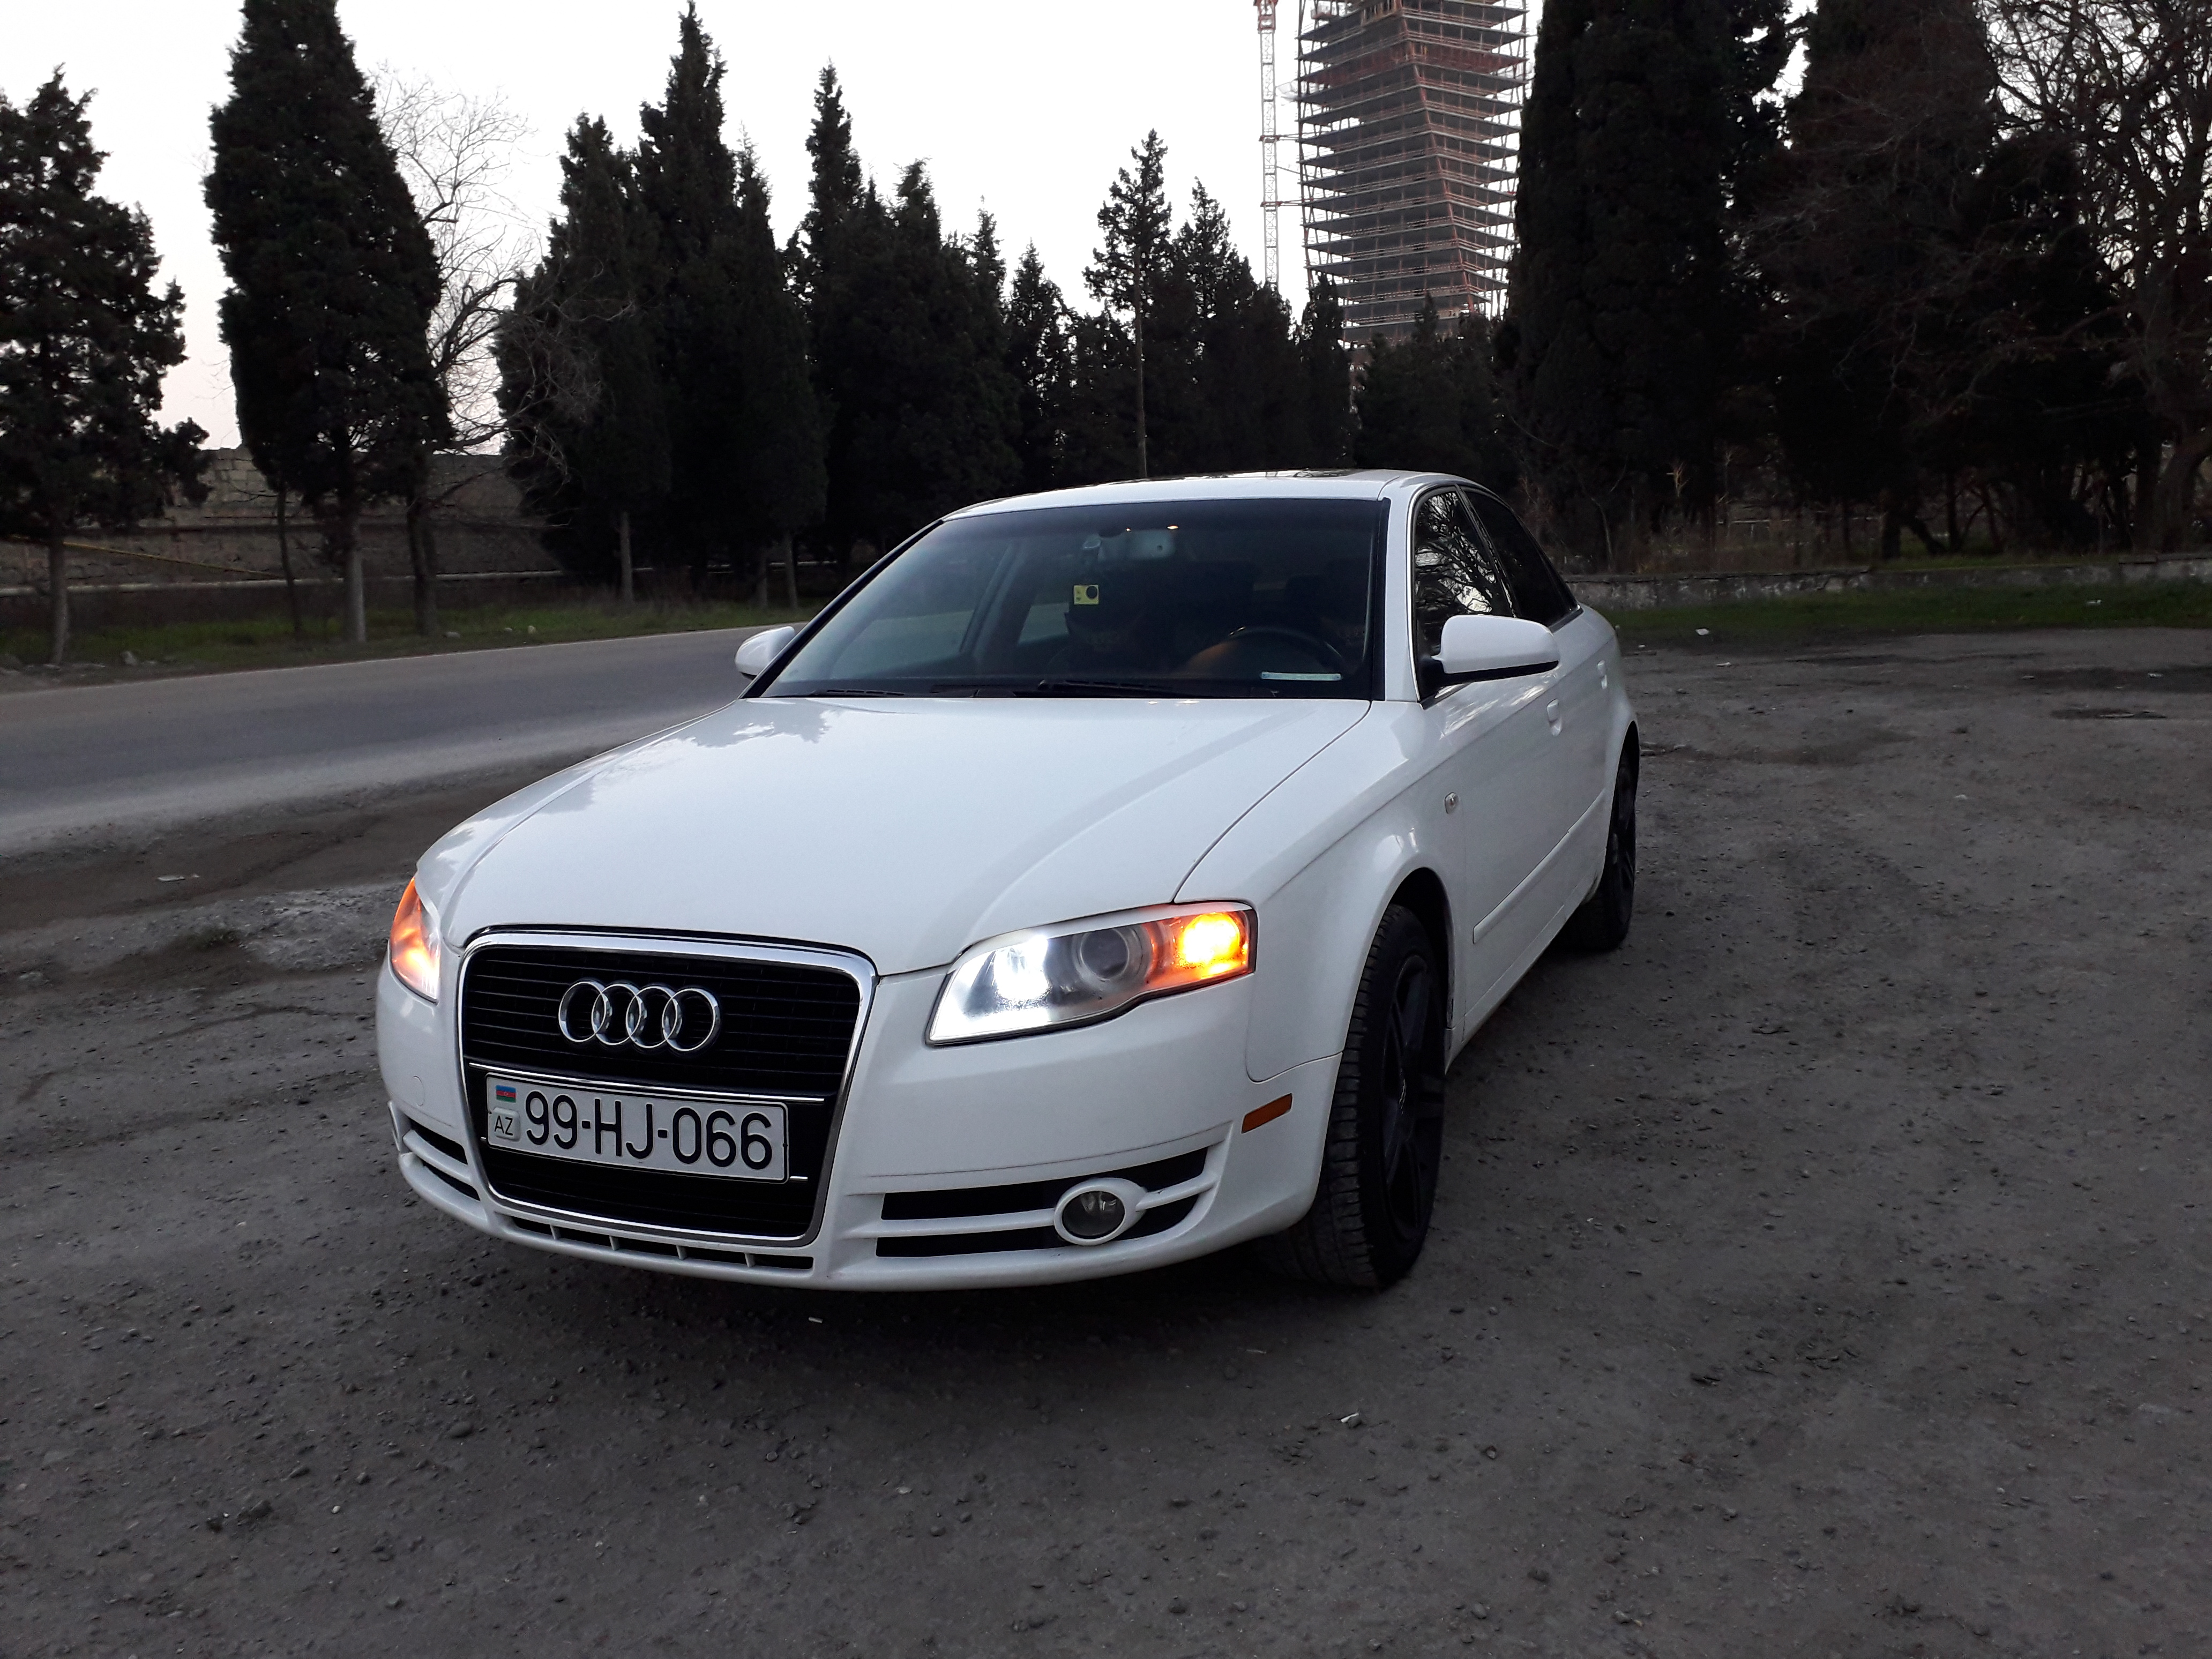 Audi A4 2.0(lt) 2007 Подержанный  $7530